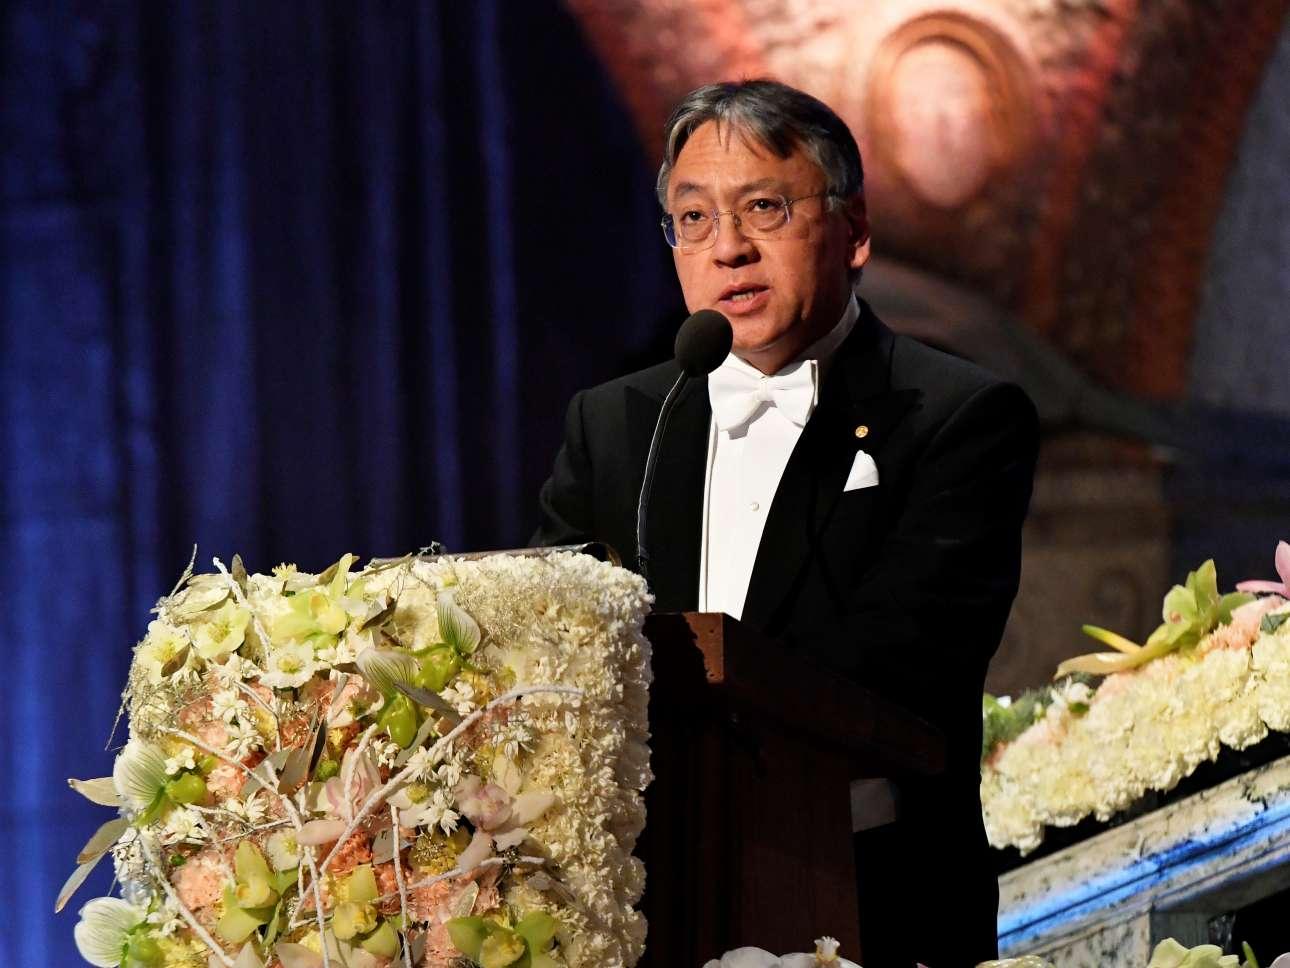 Ο Καζούο Ισιγκούρο στην ομιλία του για το Νομπέλ